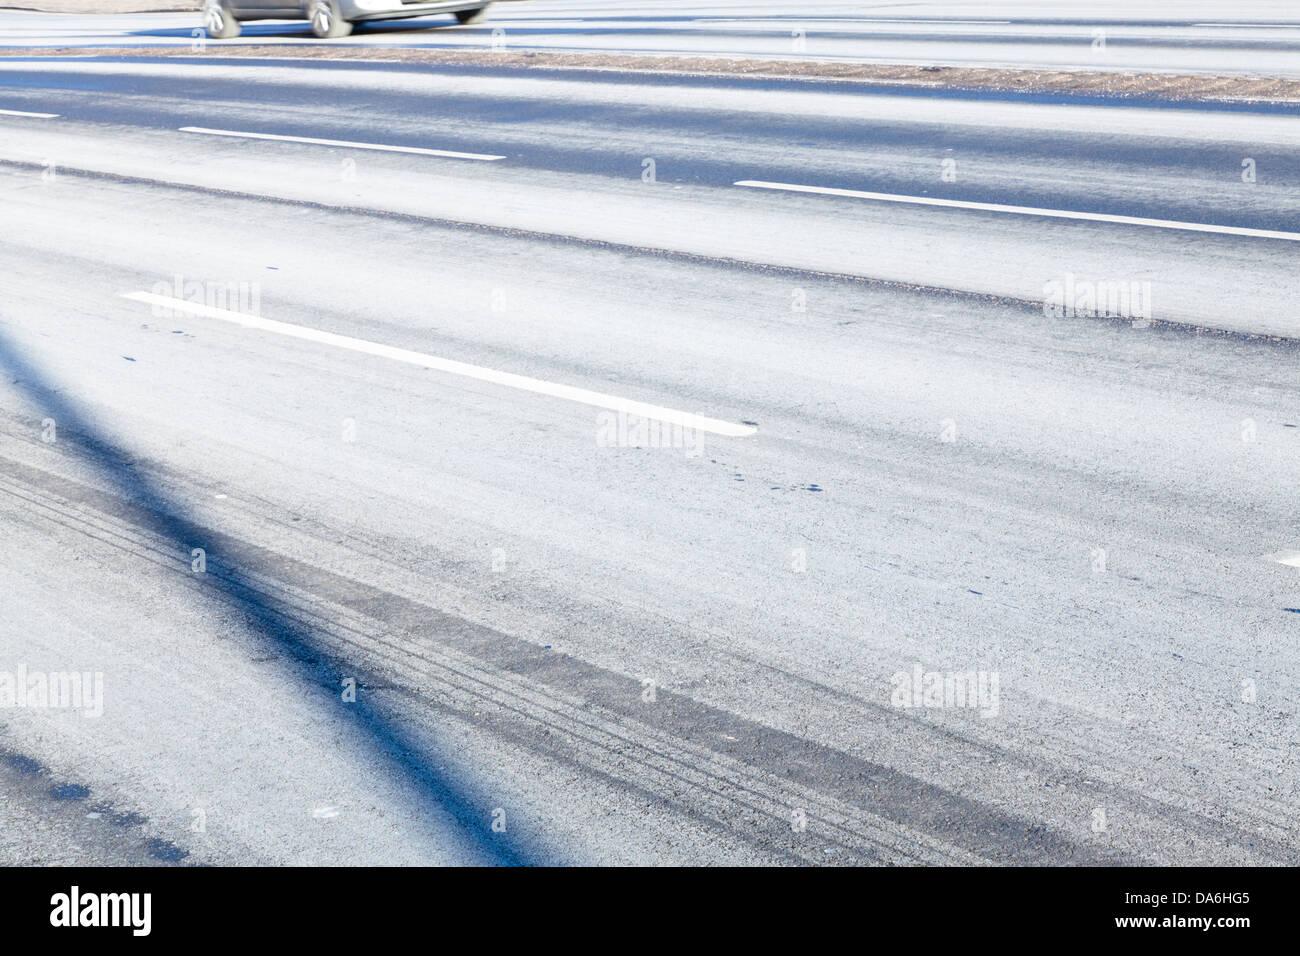 Visión abstracta de una calzada después del invierno salazón mostrando las sombras, marcas y marcas de neumáticos Foto de stock